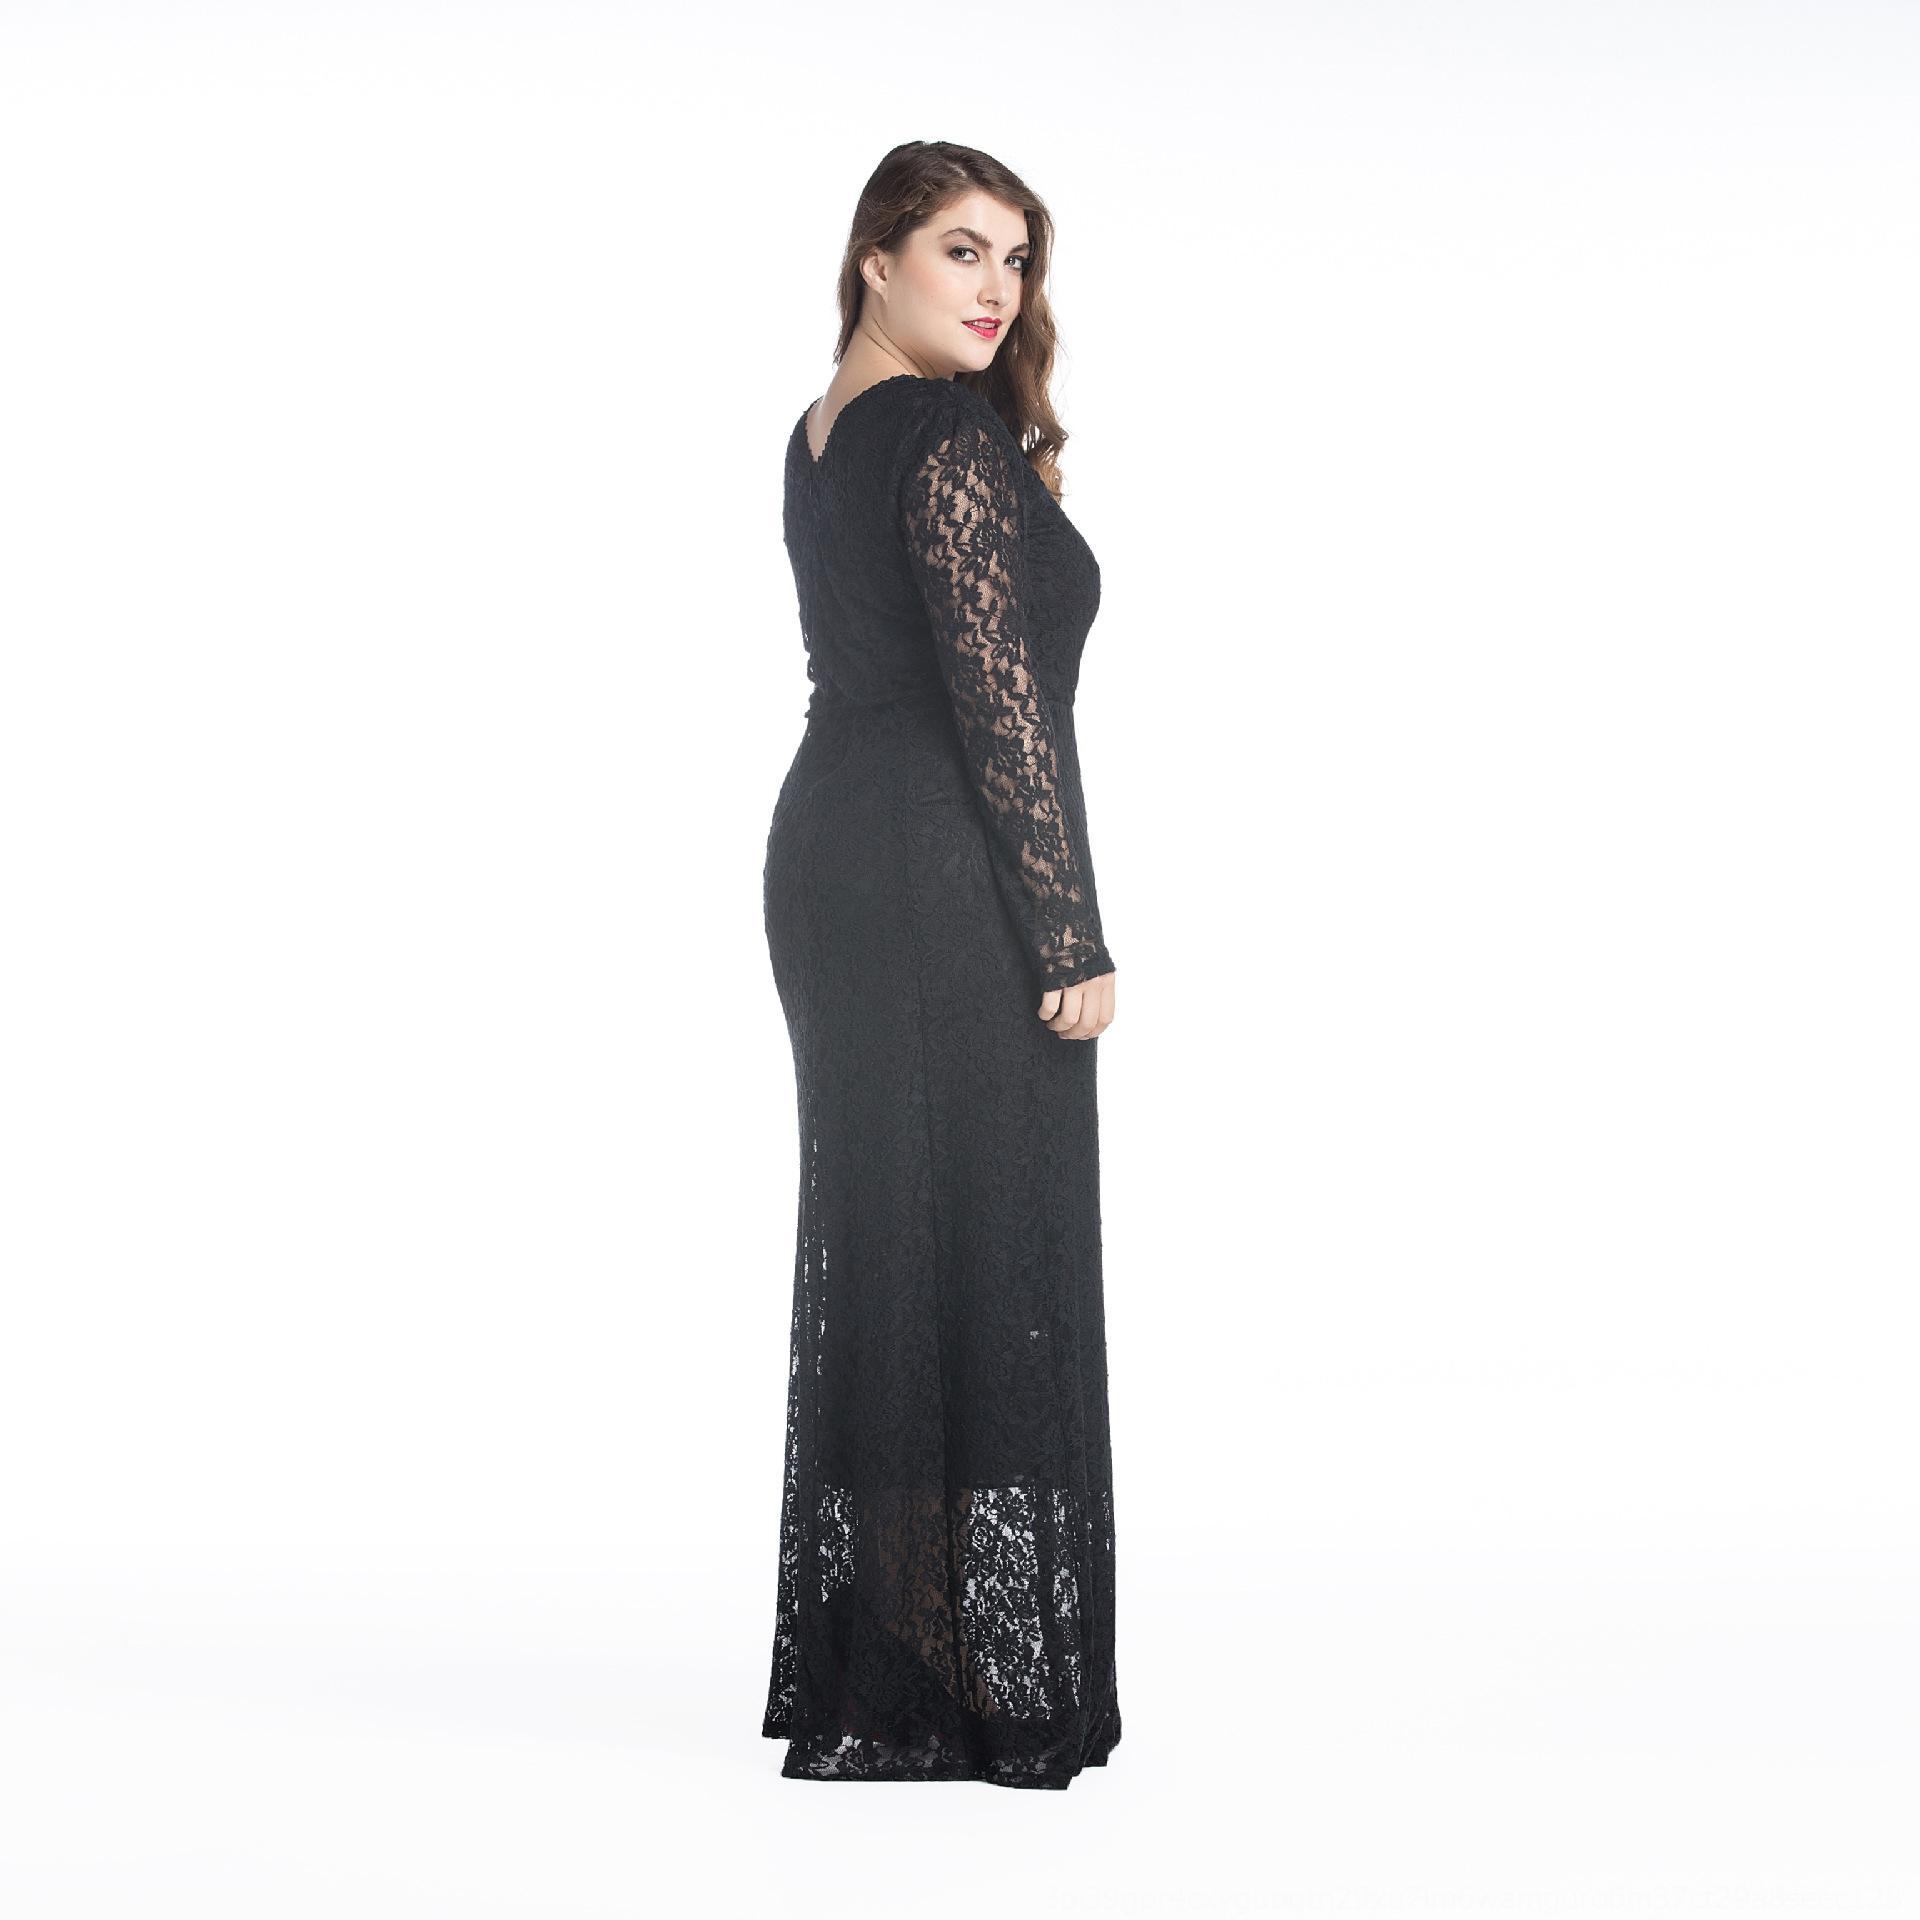 graisse mm tempérament grand creux 8013 mm gras dentelle à manches longues tempérament grande à manches longues creux 8013 robe dressLace robe VojwC